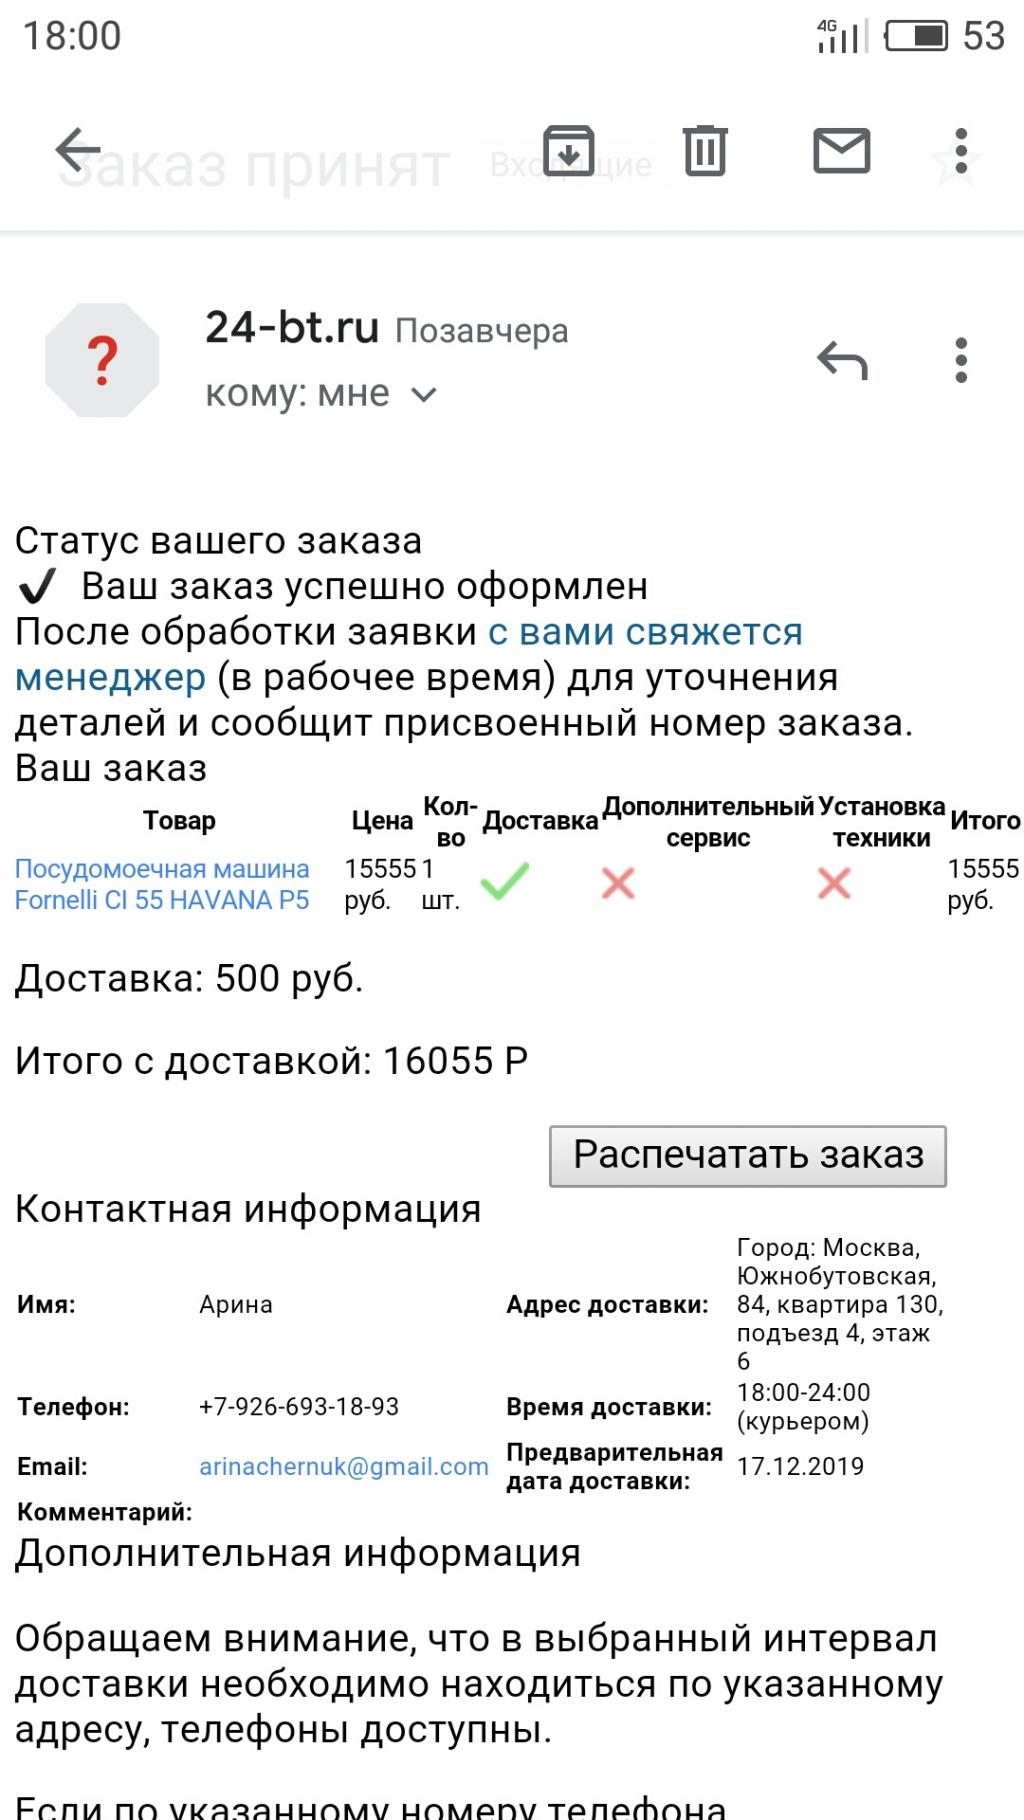 Интернет-магазин 24-bt.ru - Воровство и вранье